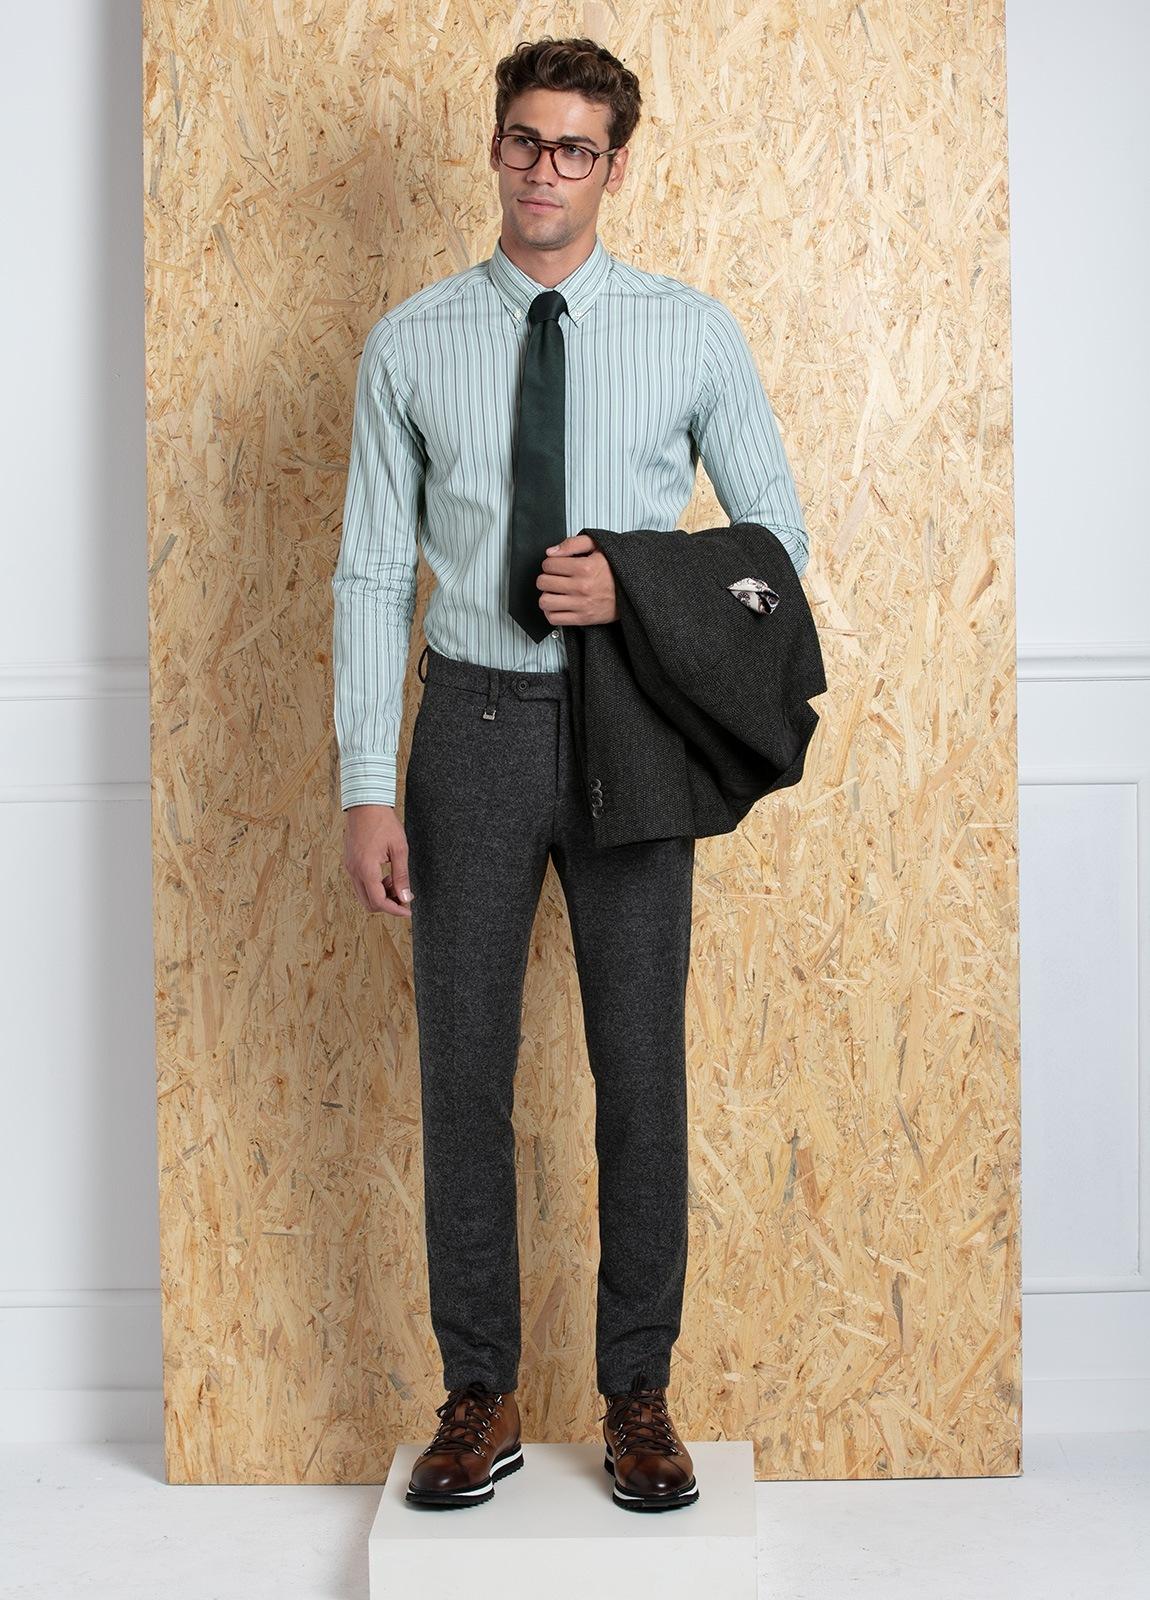 Camisa Leisure Wear SLIM FIT Modelo BOTTON DOWN color verde, estampado rayas gris. 100% Algodón.